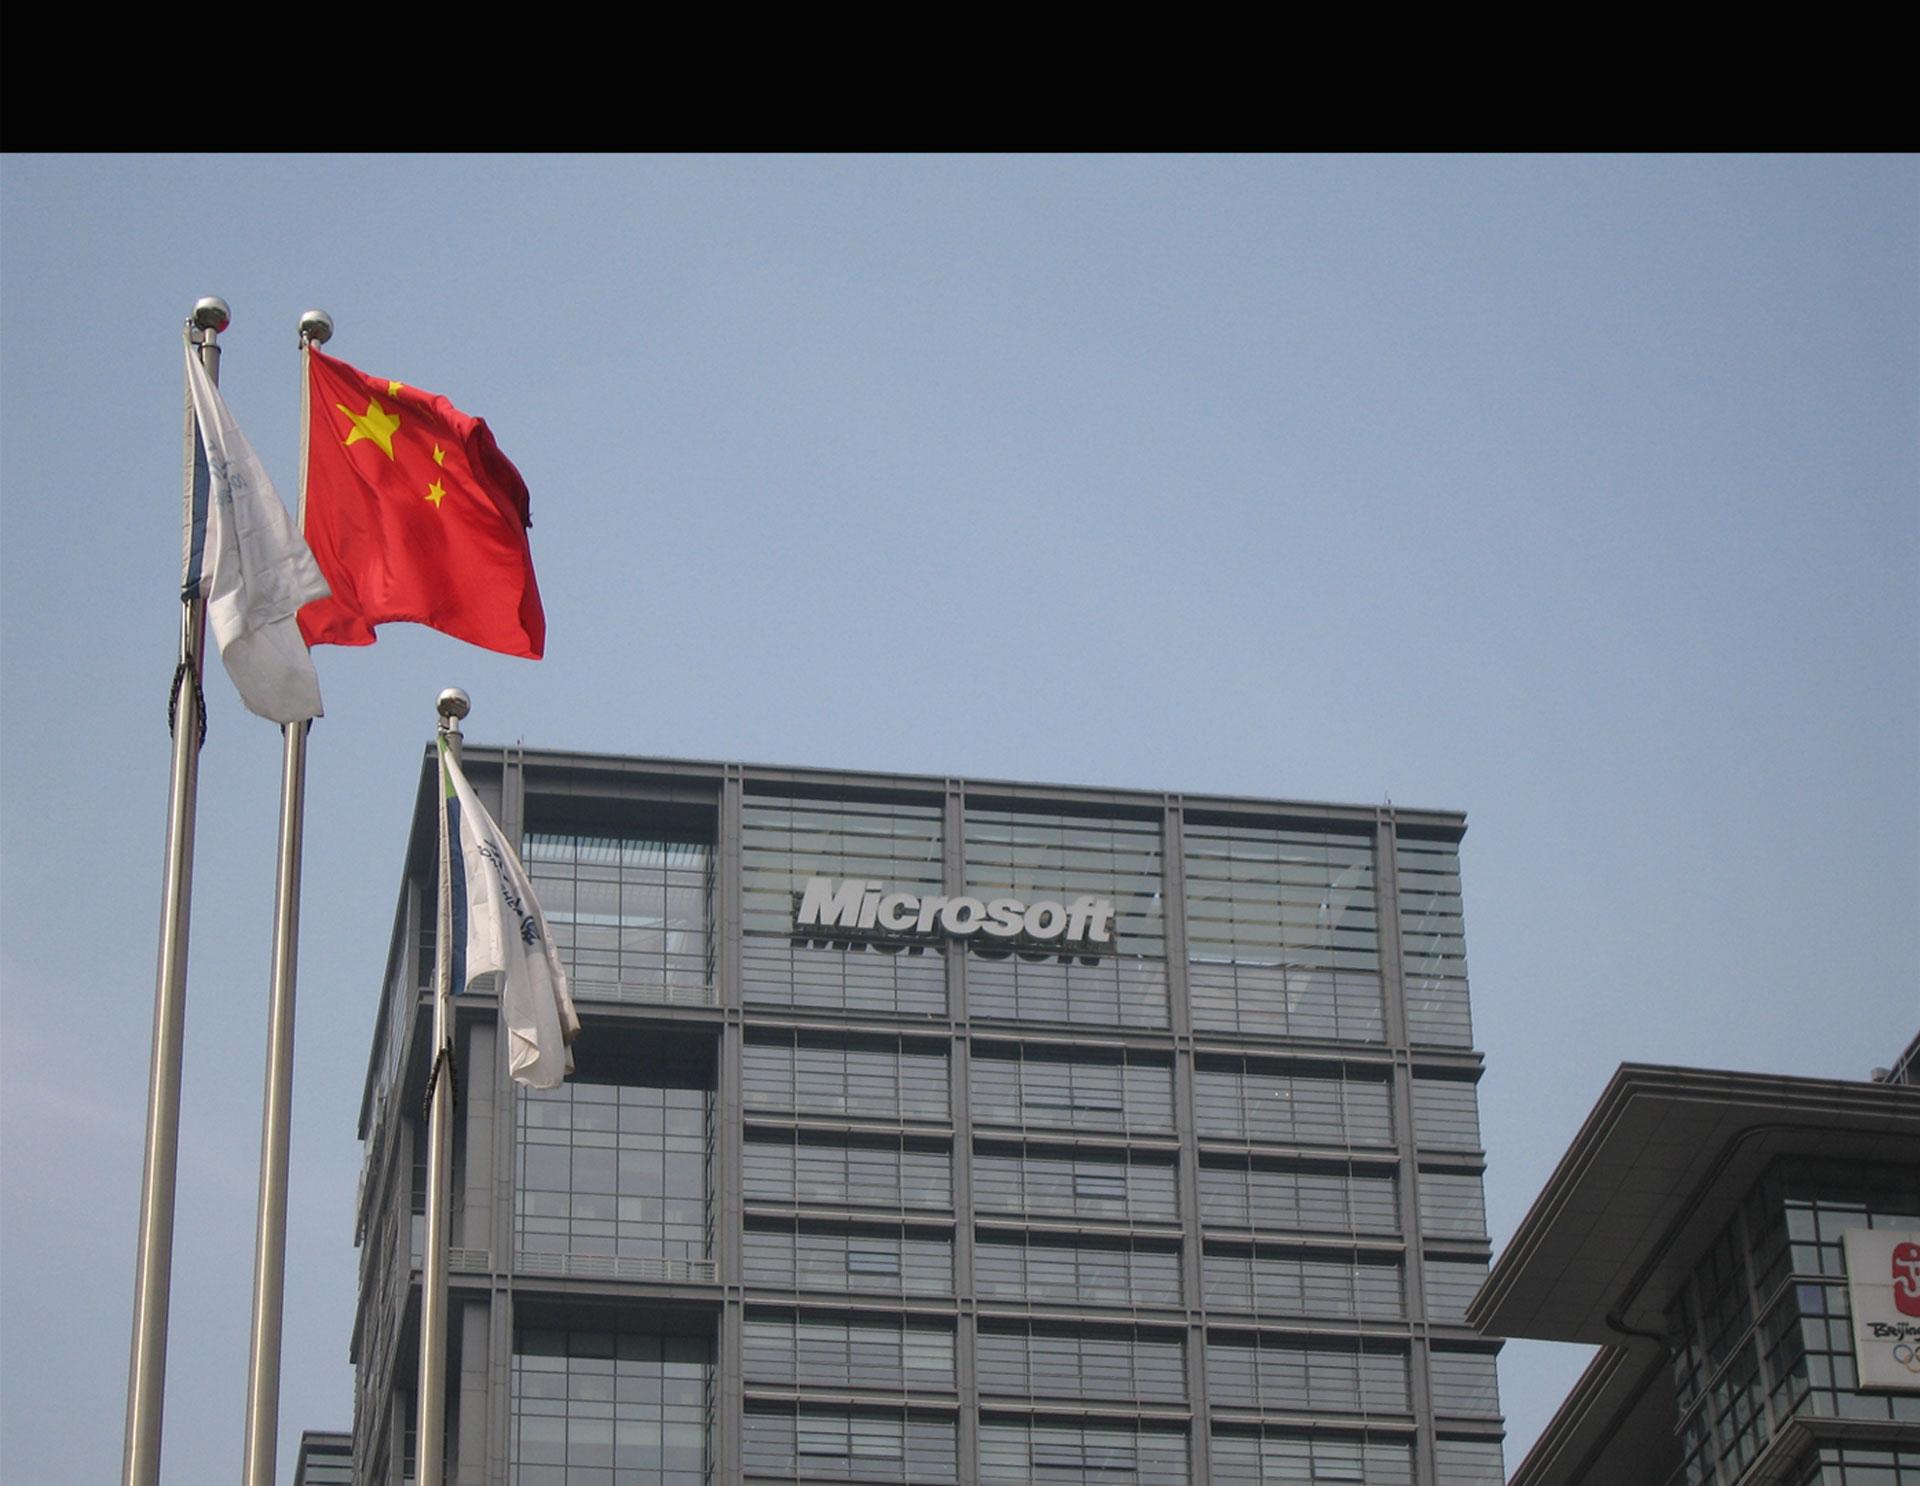 Las autoridades del país investigan las incompatibilidades del sistema operativo Windows y el paquete Office